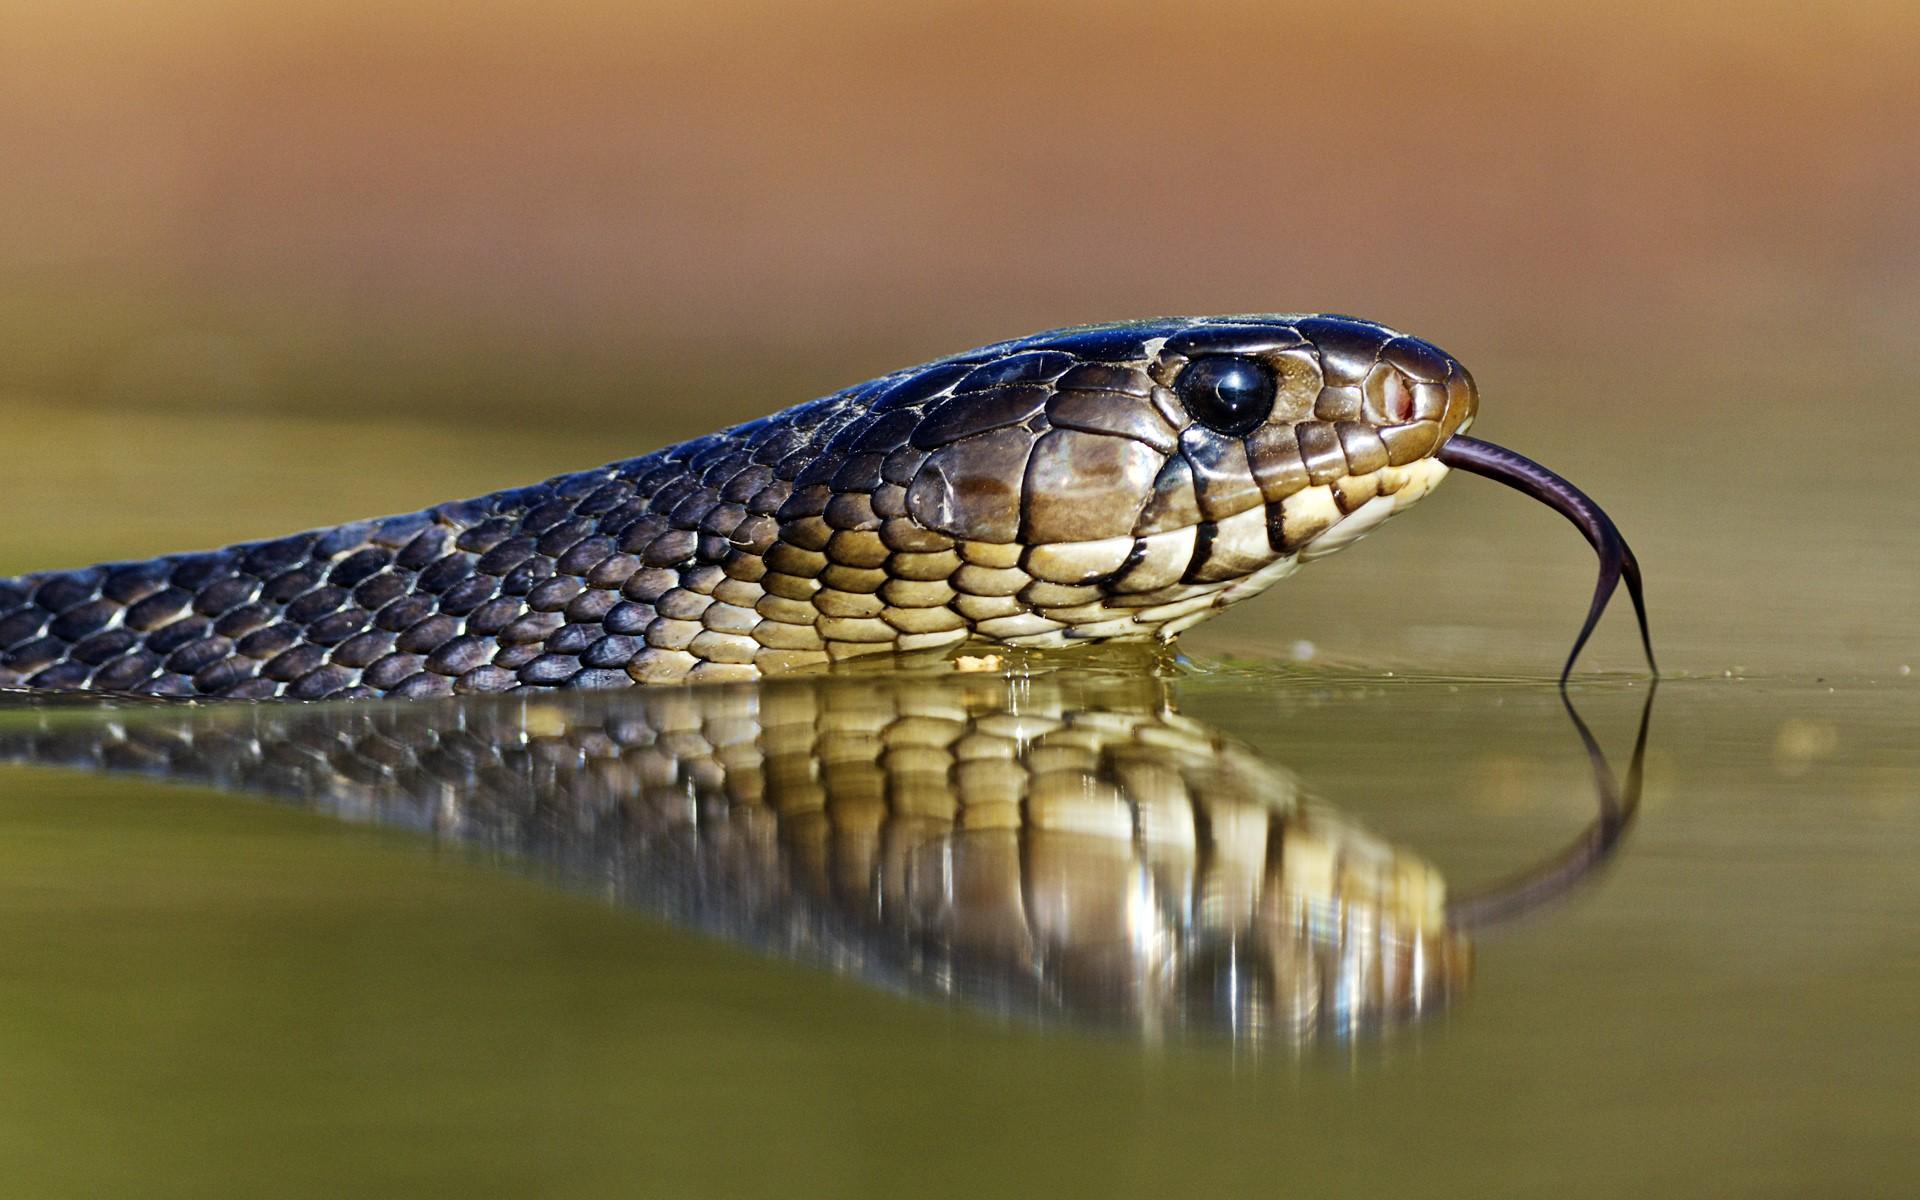 Una cobra en el río - 1920x1200